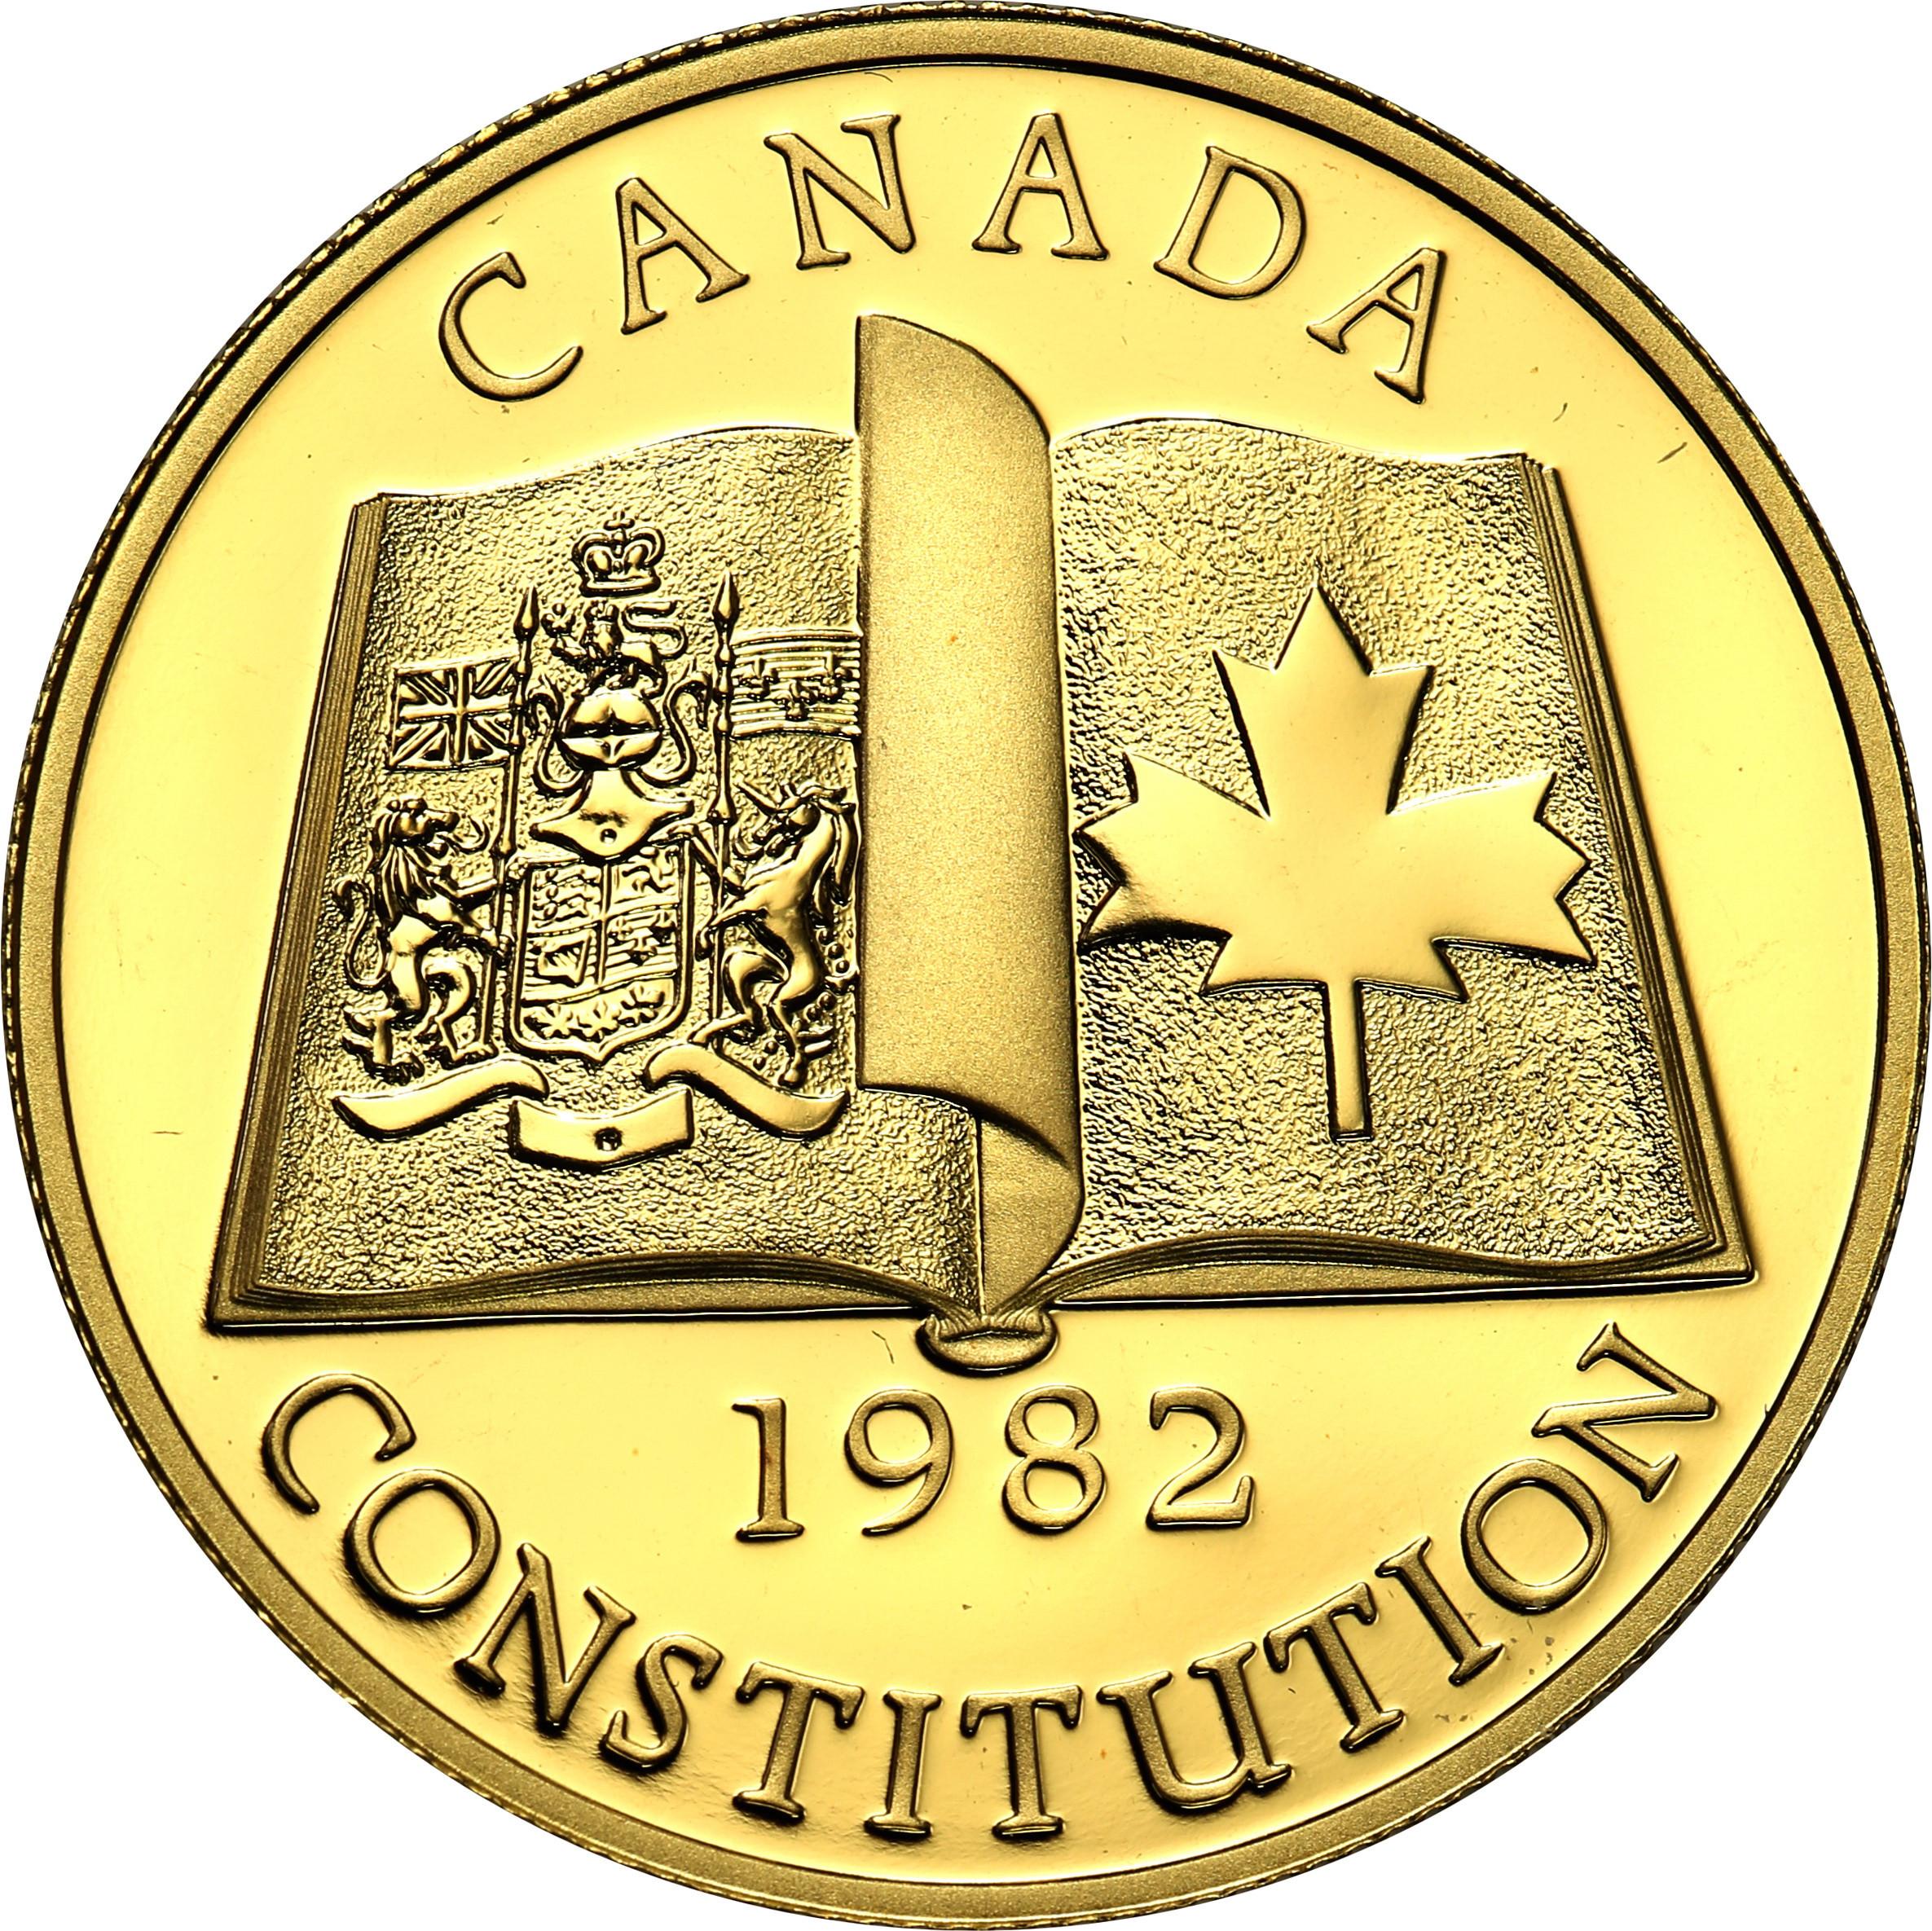 Kanada. 100 dolarów 1982 konstytucja st. L  - ½ uncji złota